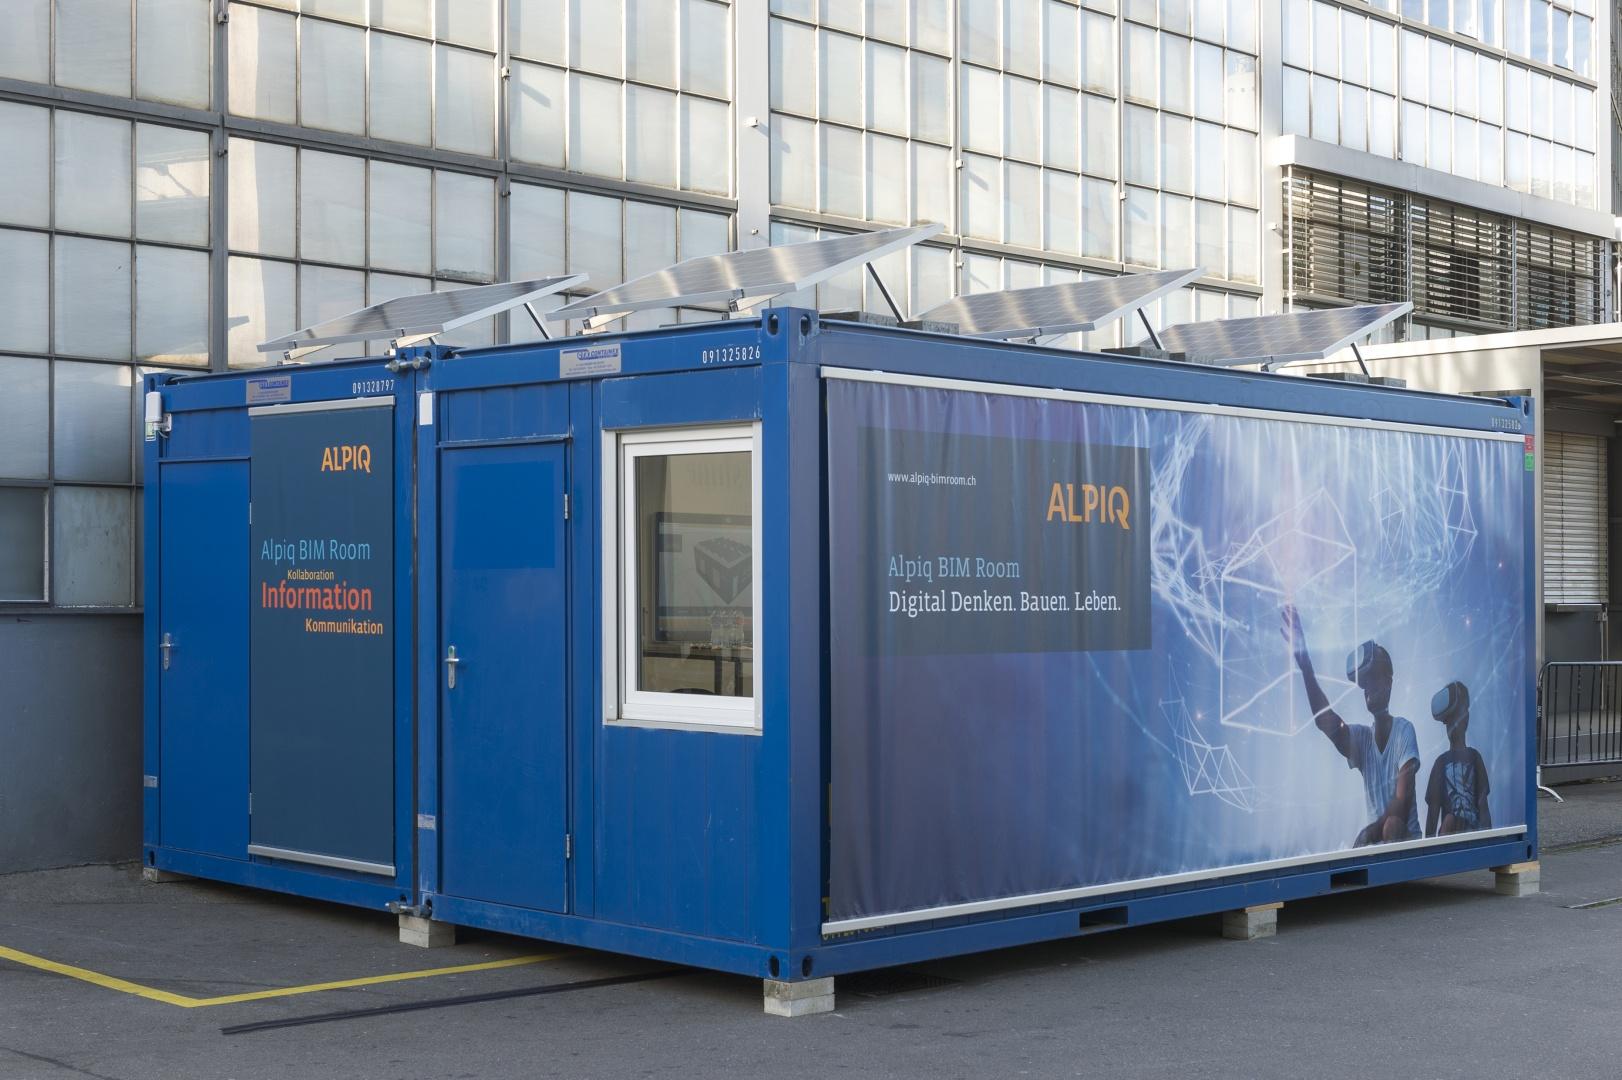 Aussenansicht Alpiq BIM Room © Alpiq InTec Schweiz AG, Webereiweg 6, 4802 Strengelbach